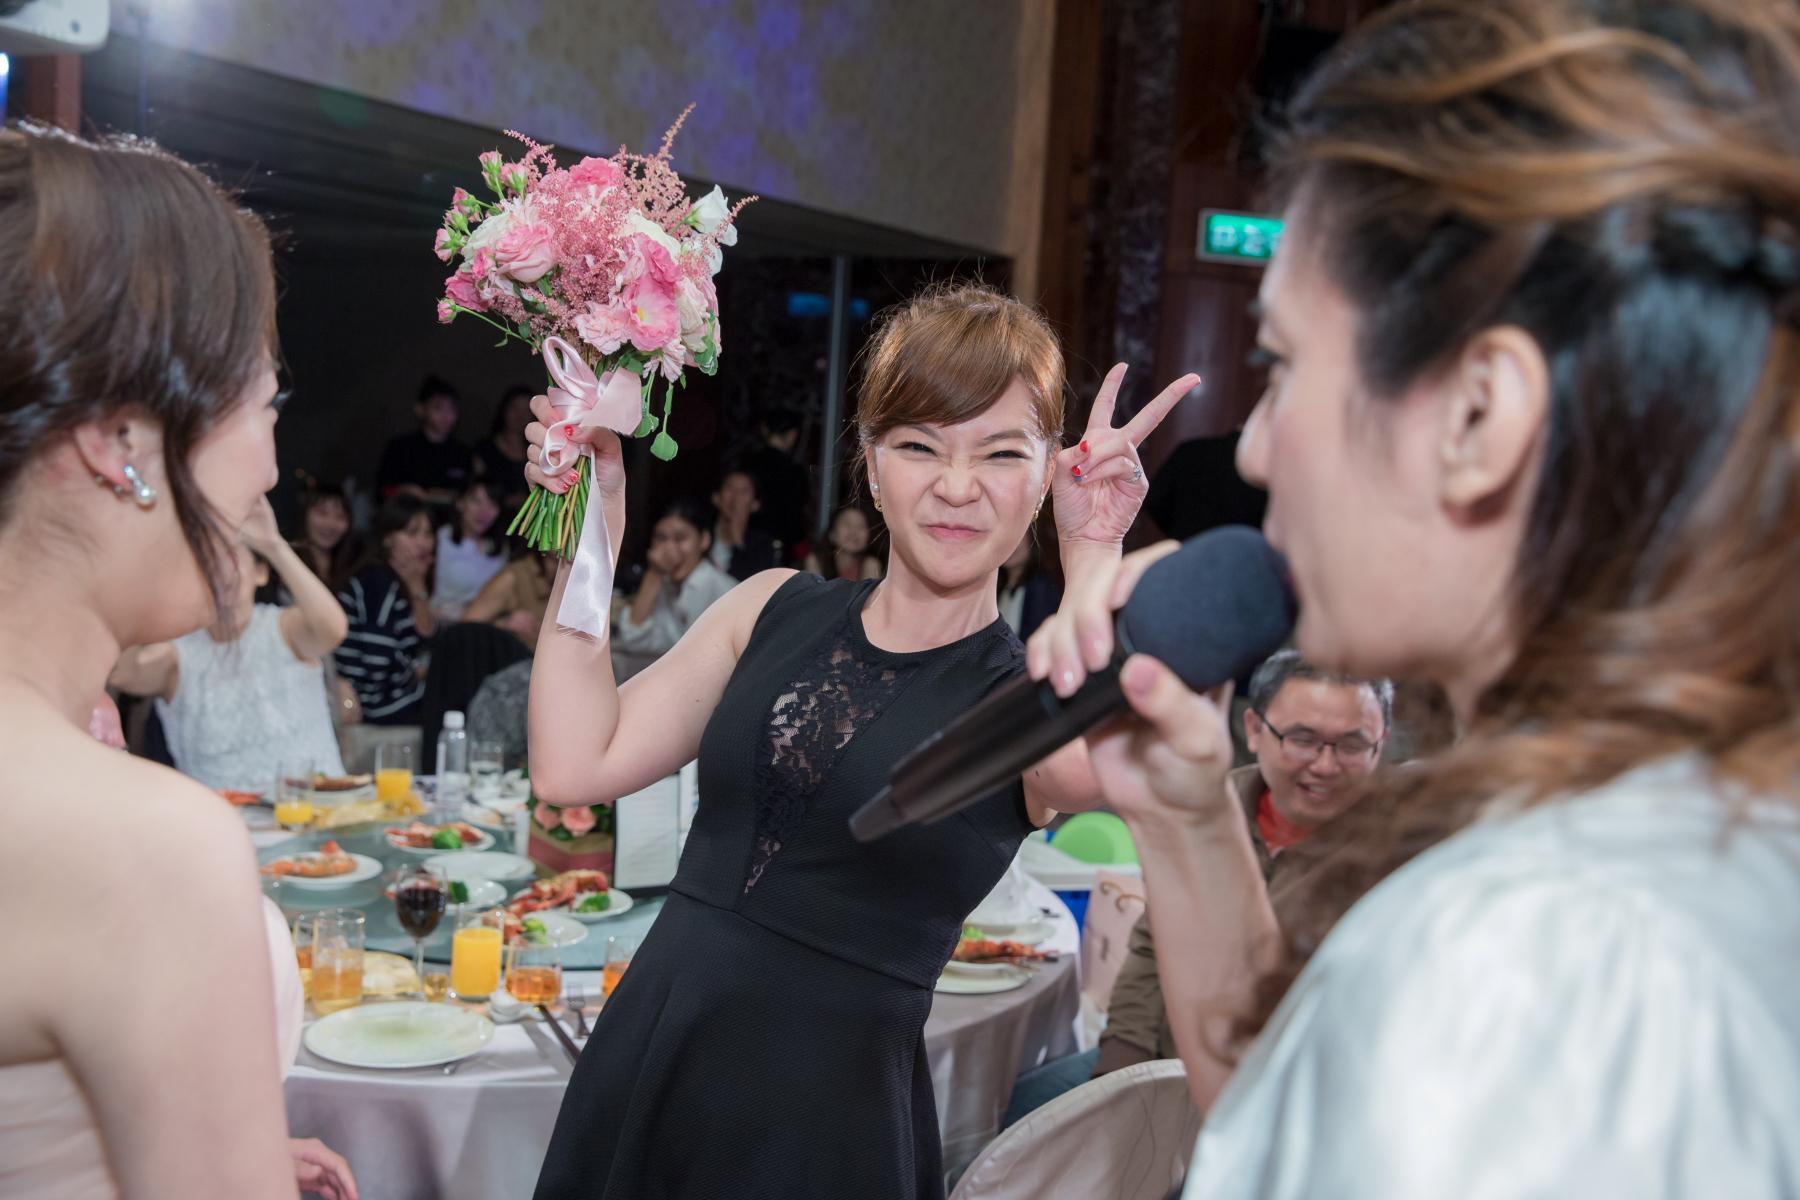 鴻璿鈺婷婚禮721